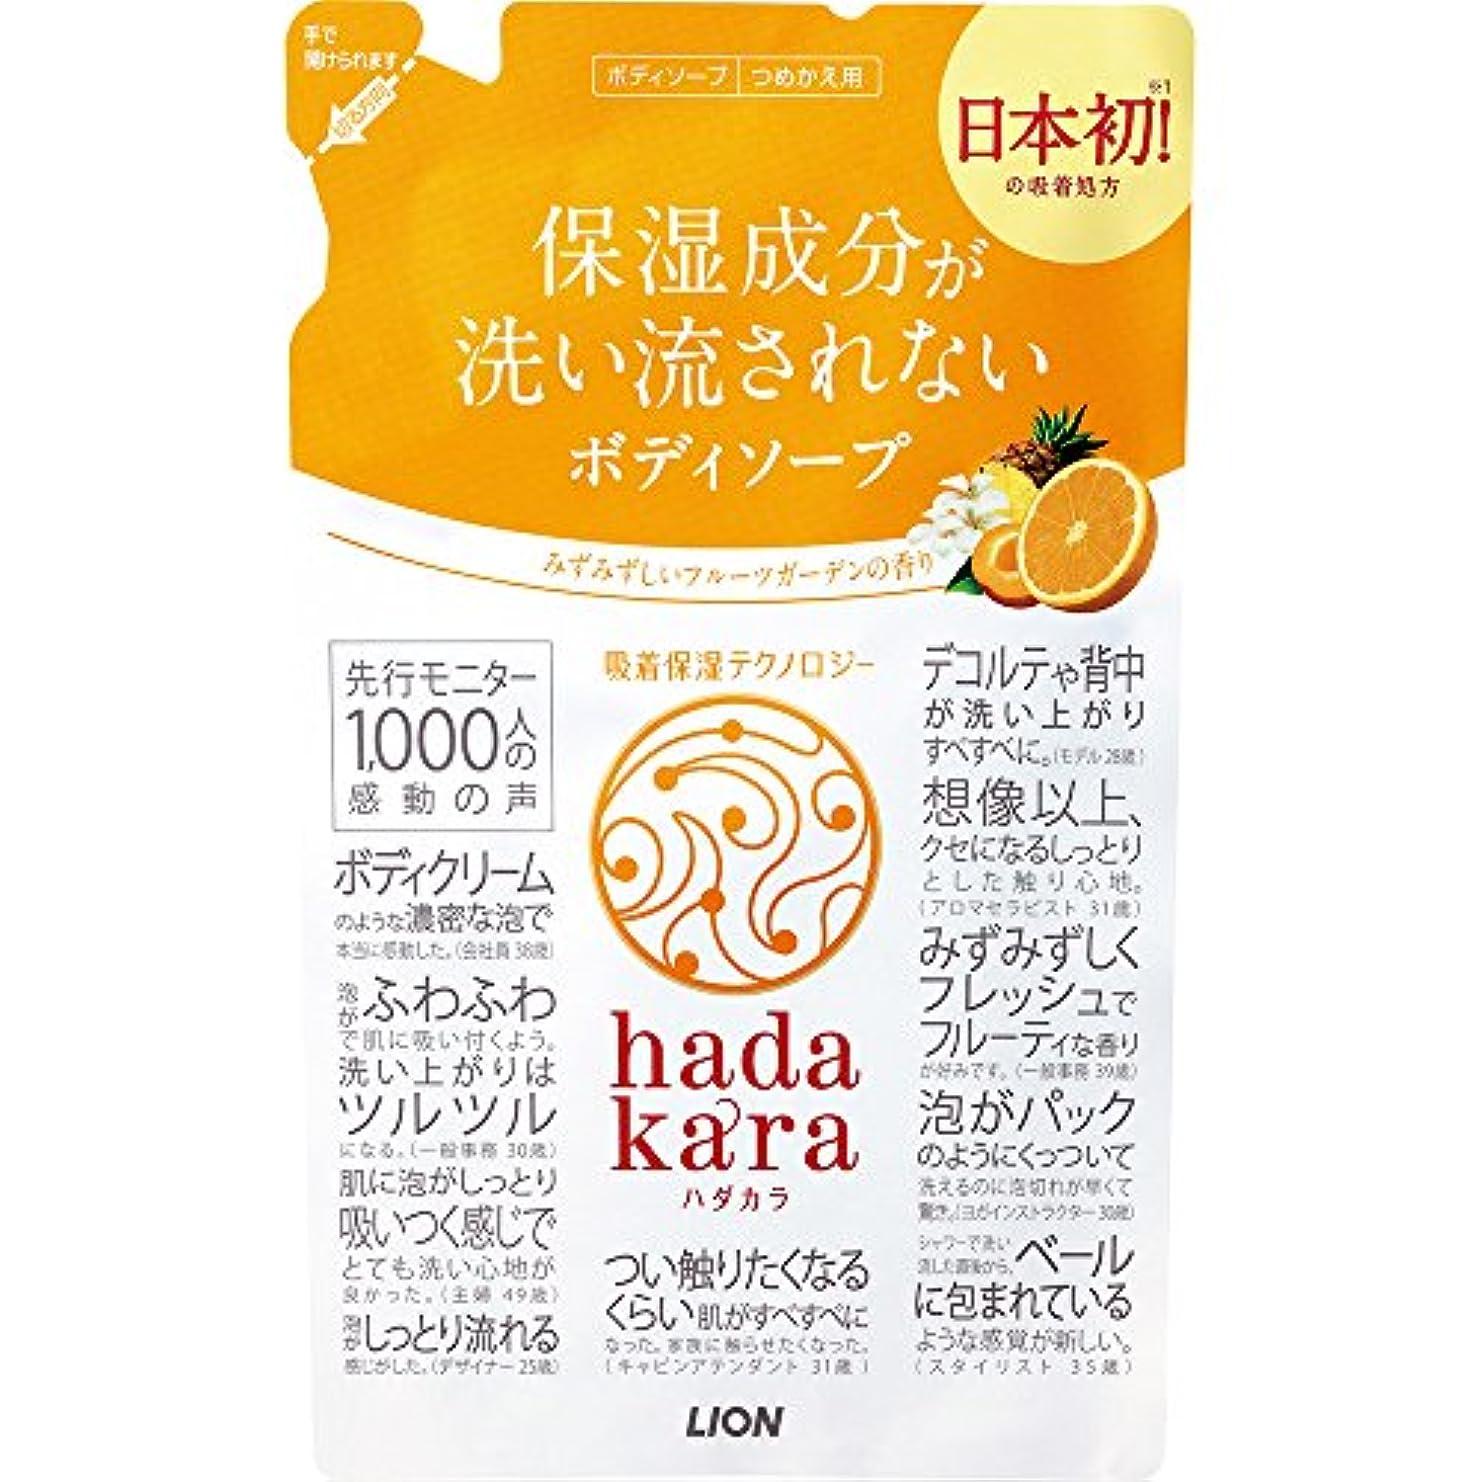 テレビ教育者眉hadakara(ハダカラ) ボディソープ フルーツガーデンの香り 詰め替え 360ml